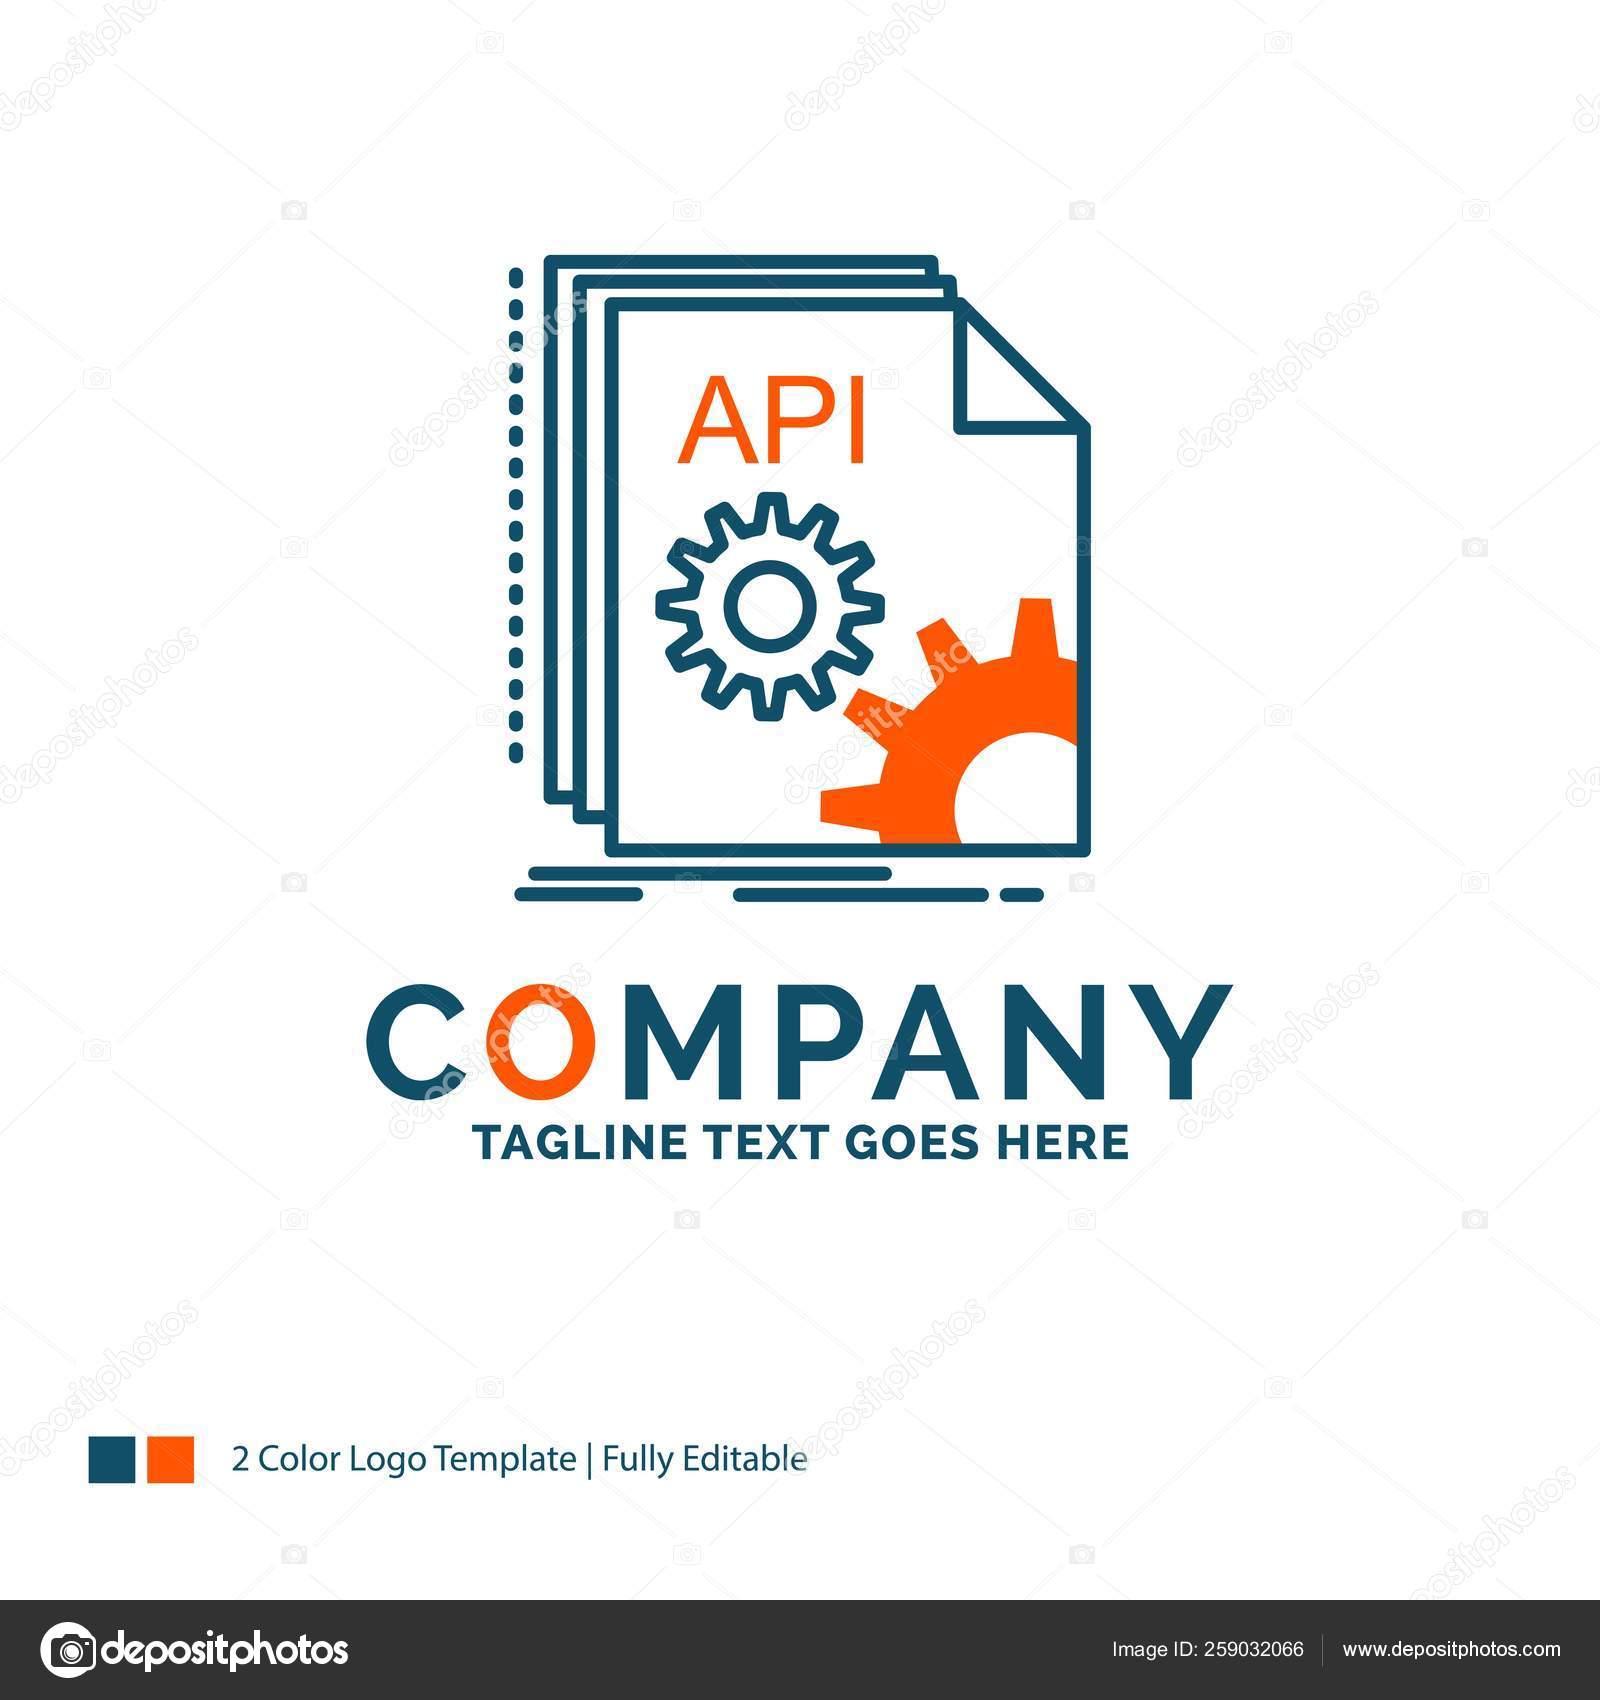 App Di Design api, app, coding, developer, software logo design. blue and